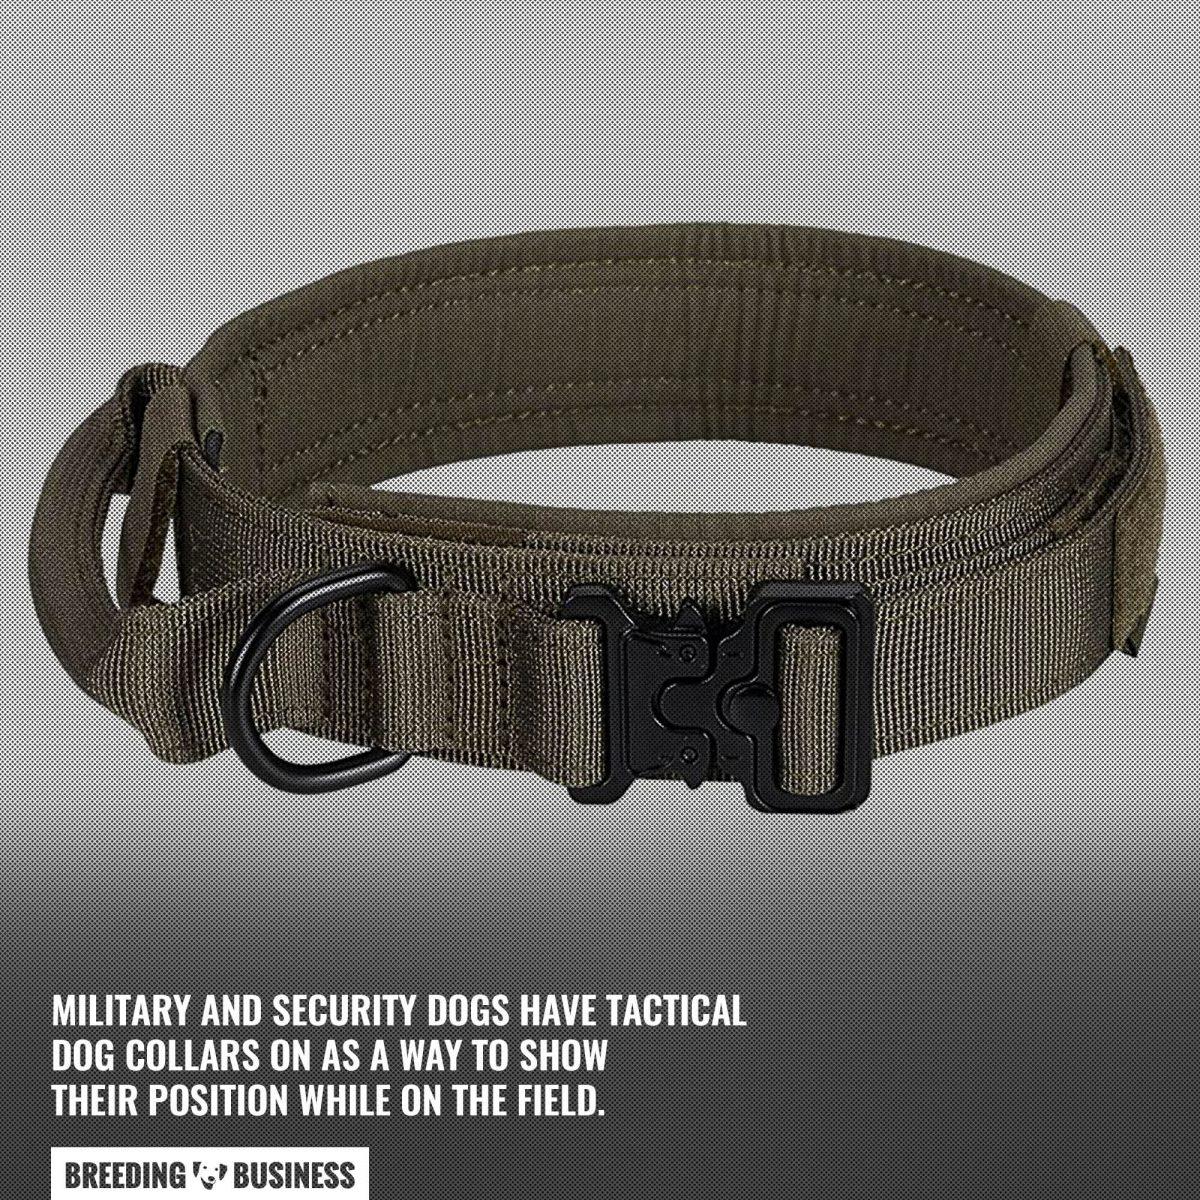 military security tactical dog collar